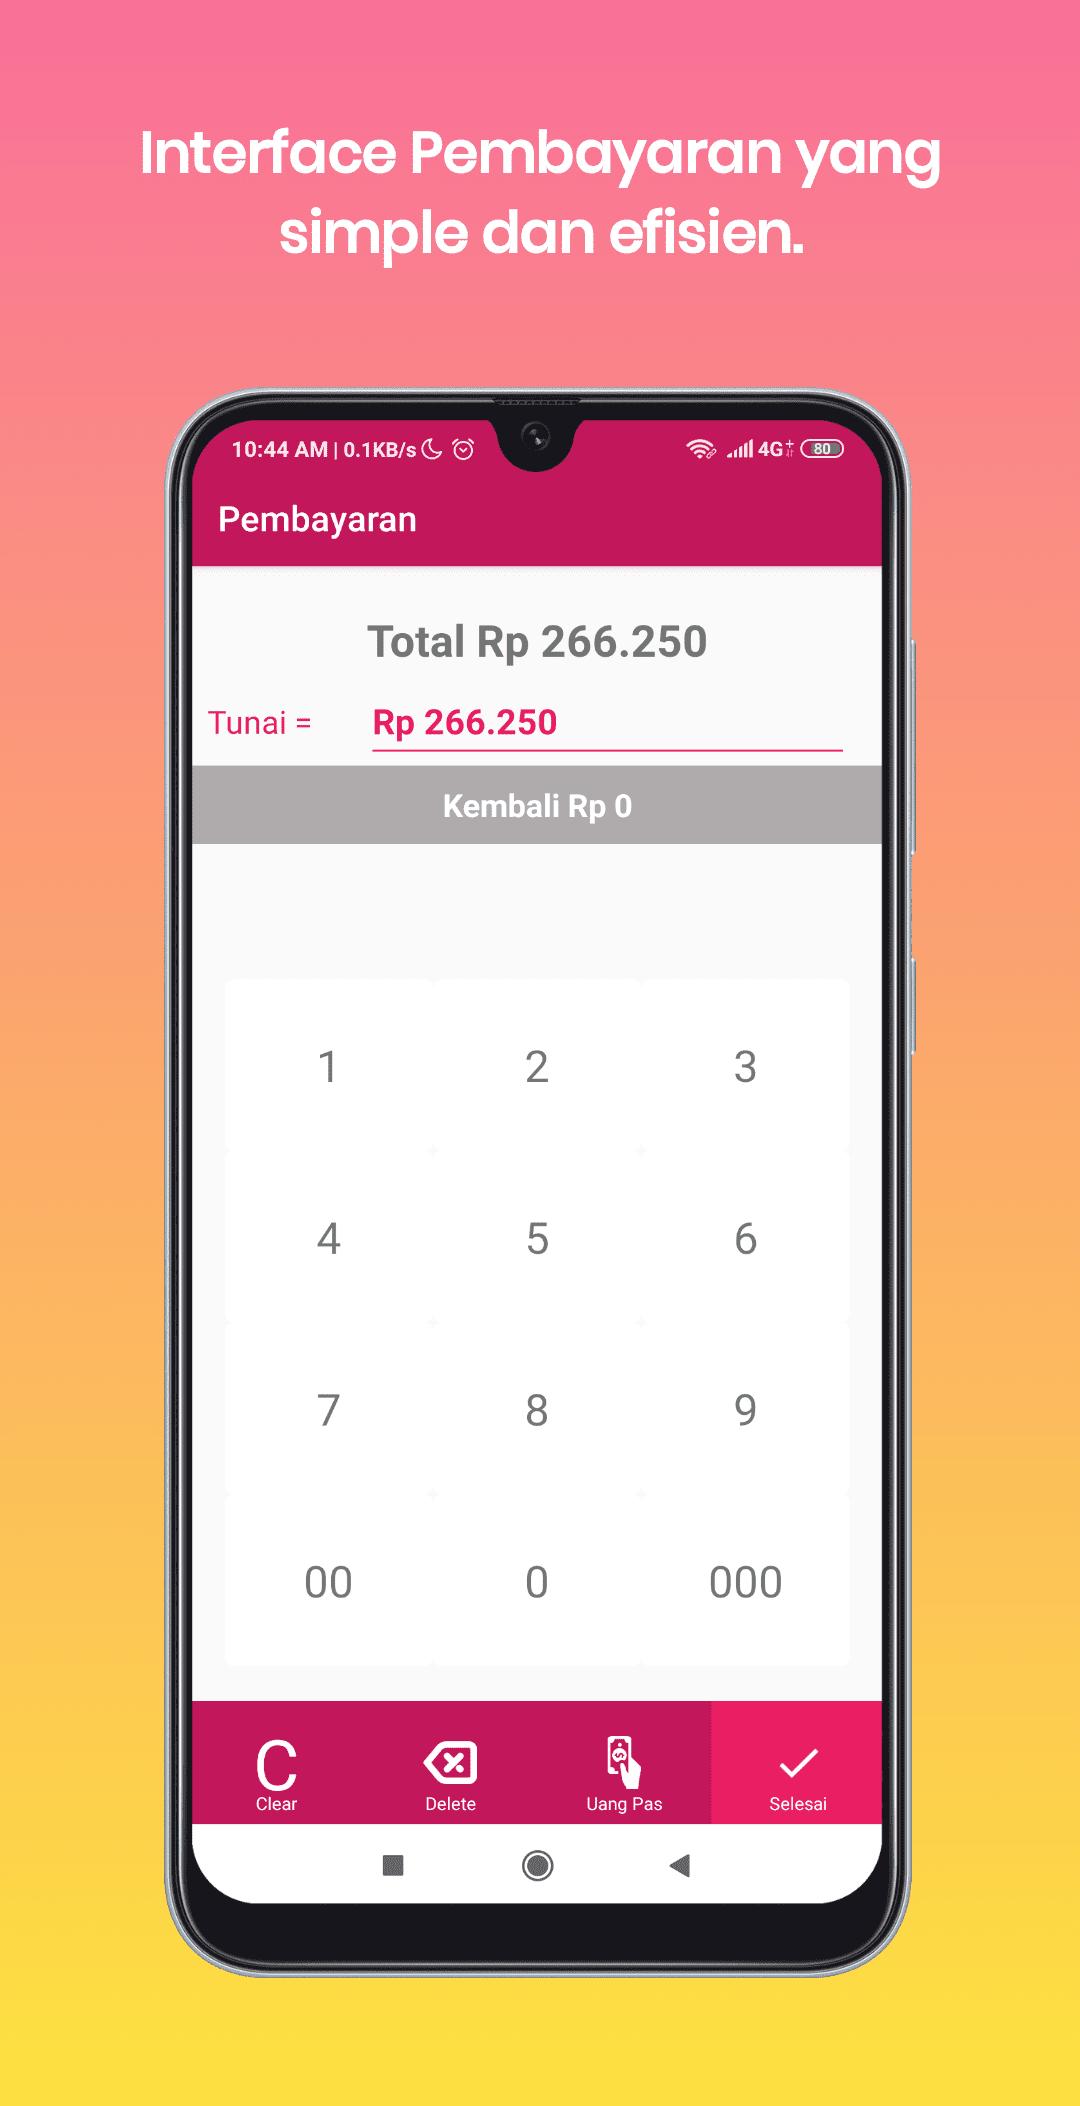 Aplikasi Penjualan Berbasis Android Banjarnegara